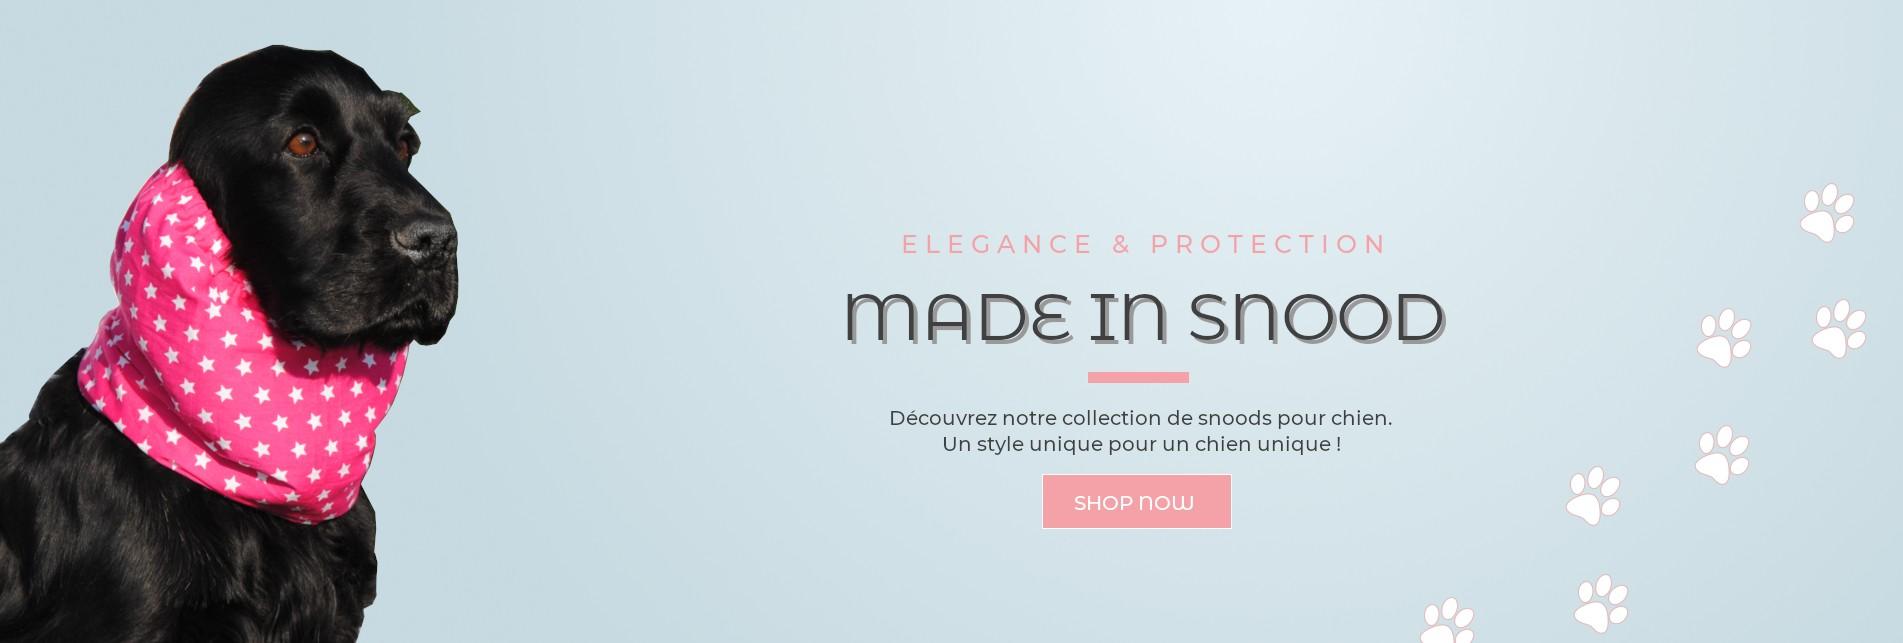 Made in Snood, snoods pour chien fabriqués en France